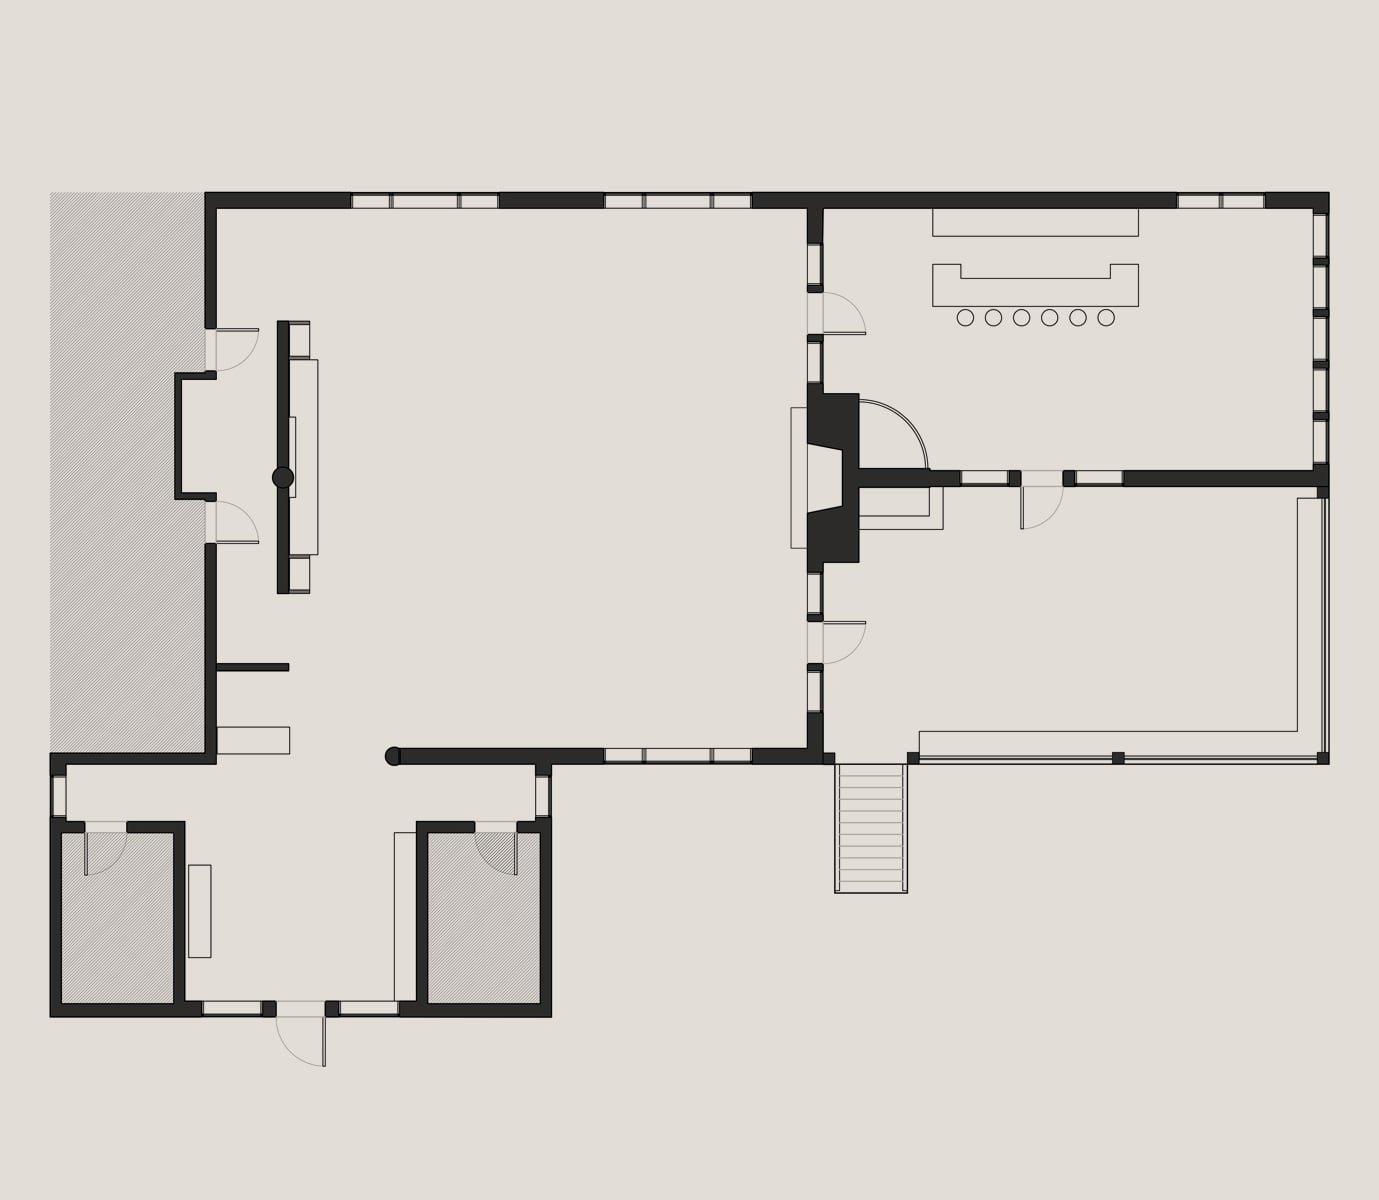 lmr-floorplan-diningroom-min.jpg